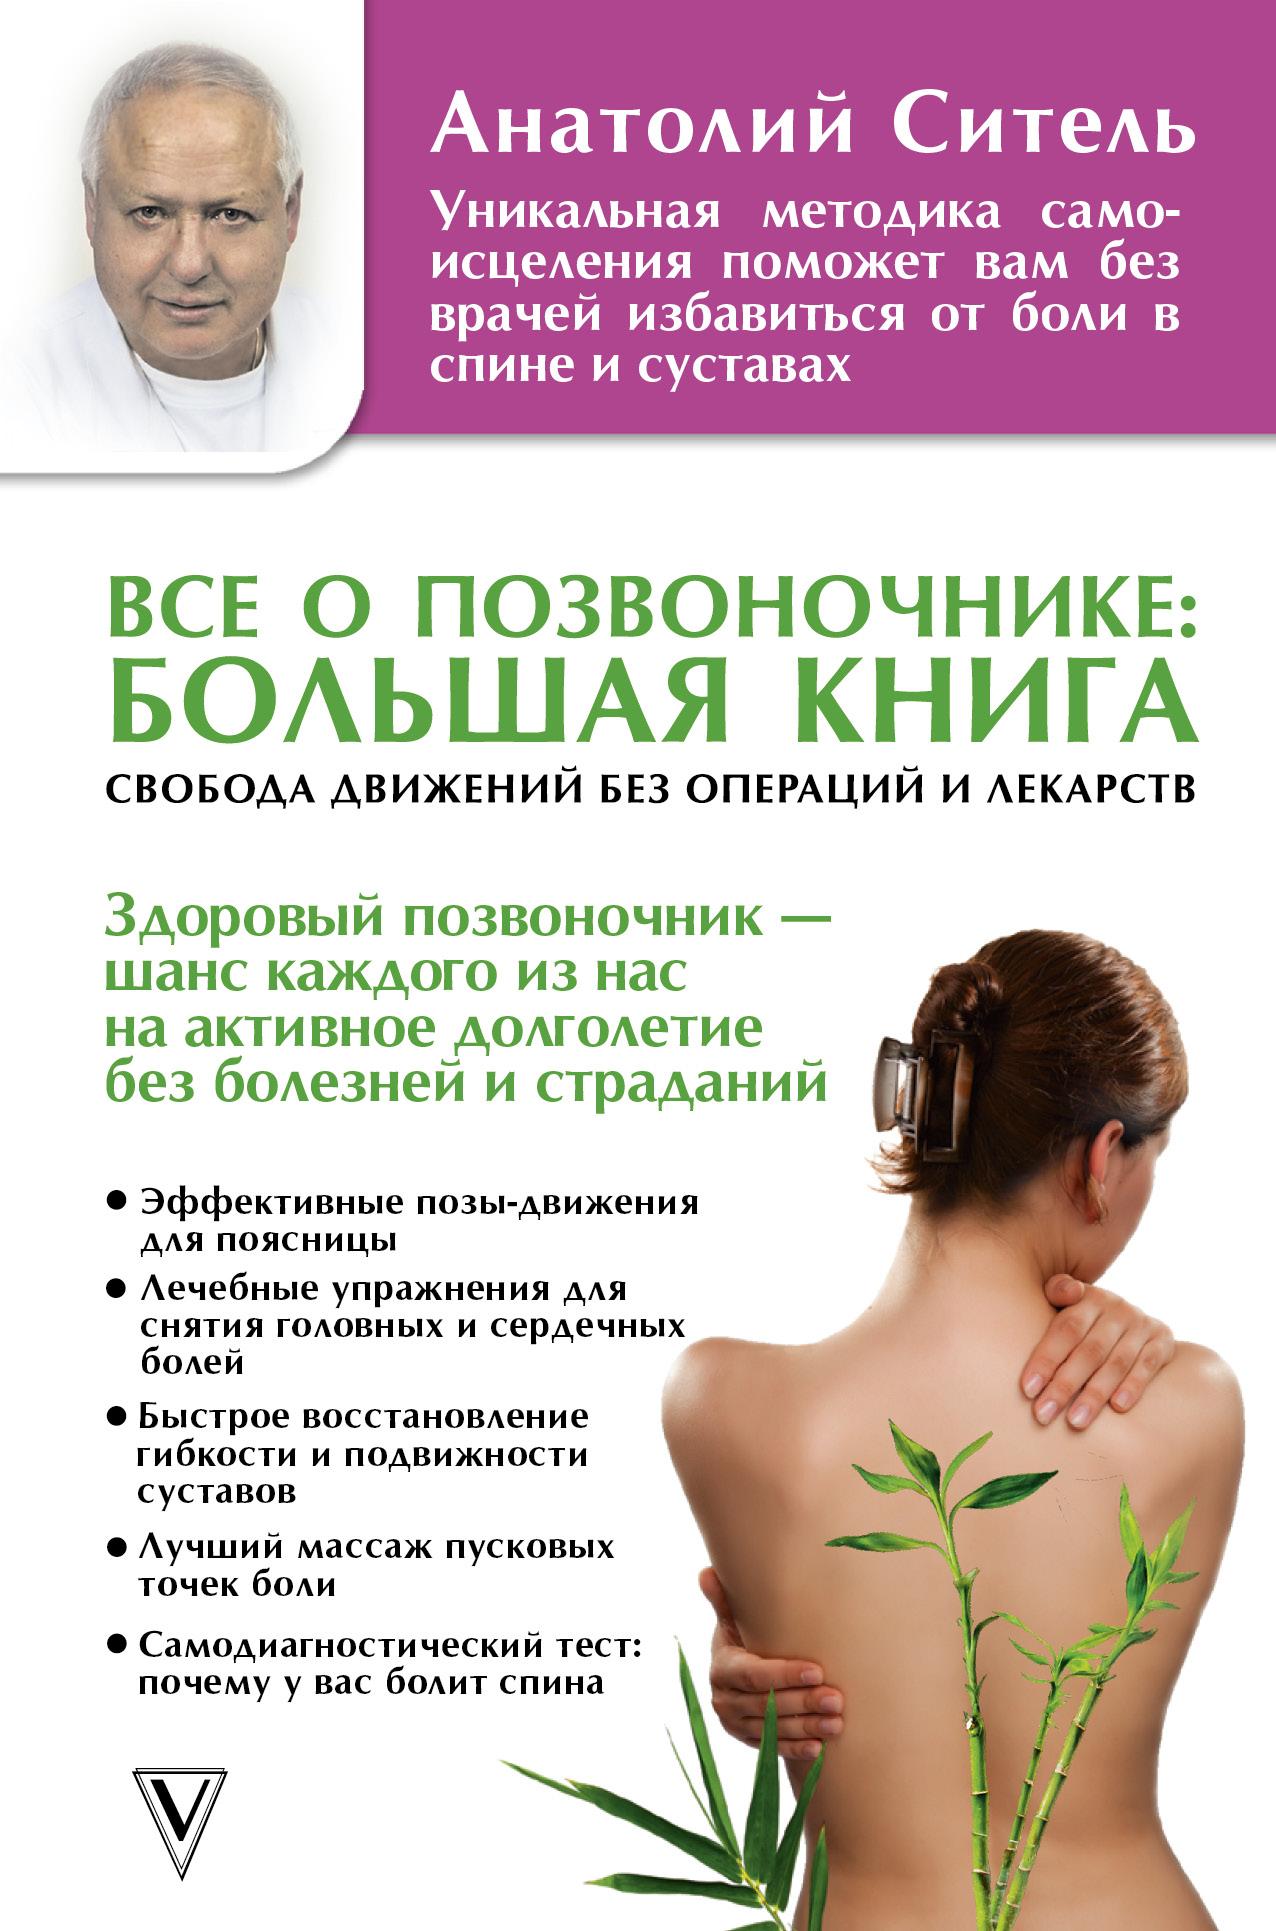 Ситель А.Б. Все о позвоночнике: большая книга анатолий ситель ария для спины авторская программа против боли в суставах